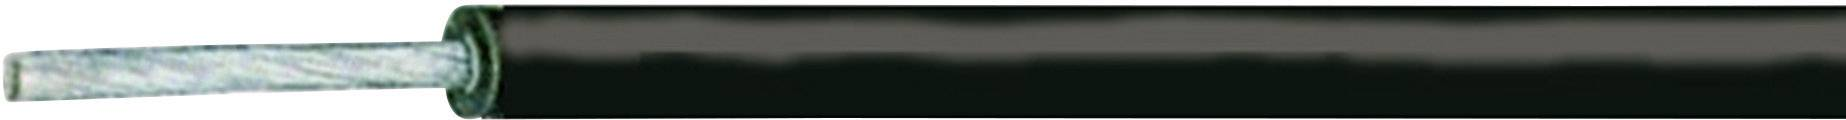 Stikalna žica SiL-SiAF 1 x 1 mm, črna XBK Kabel cena za meter